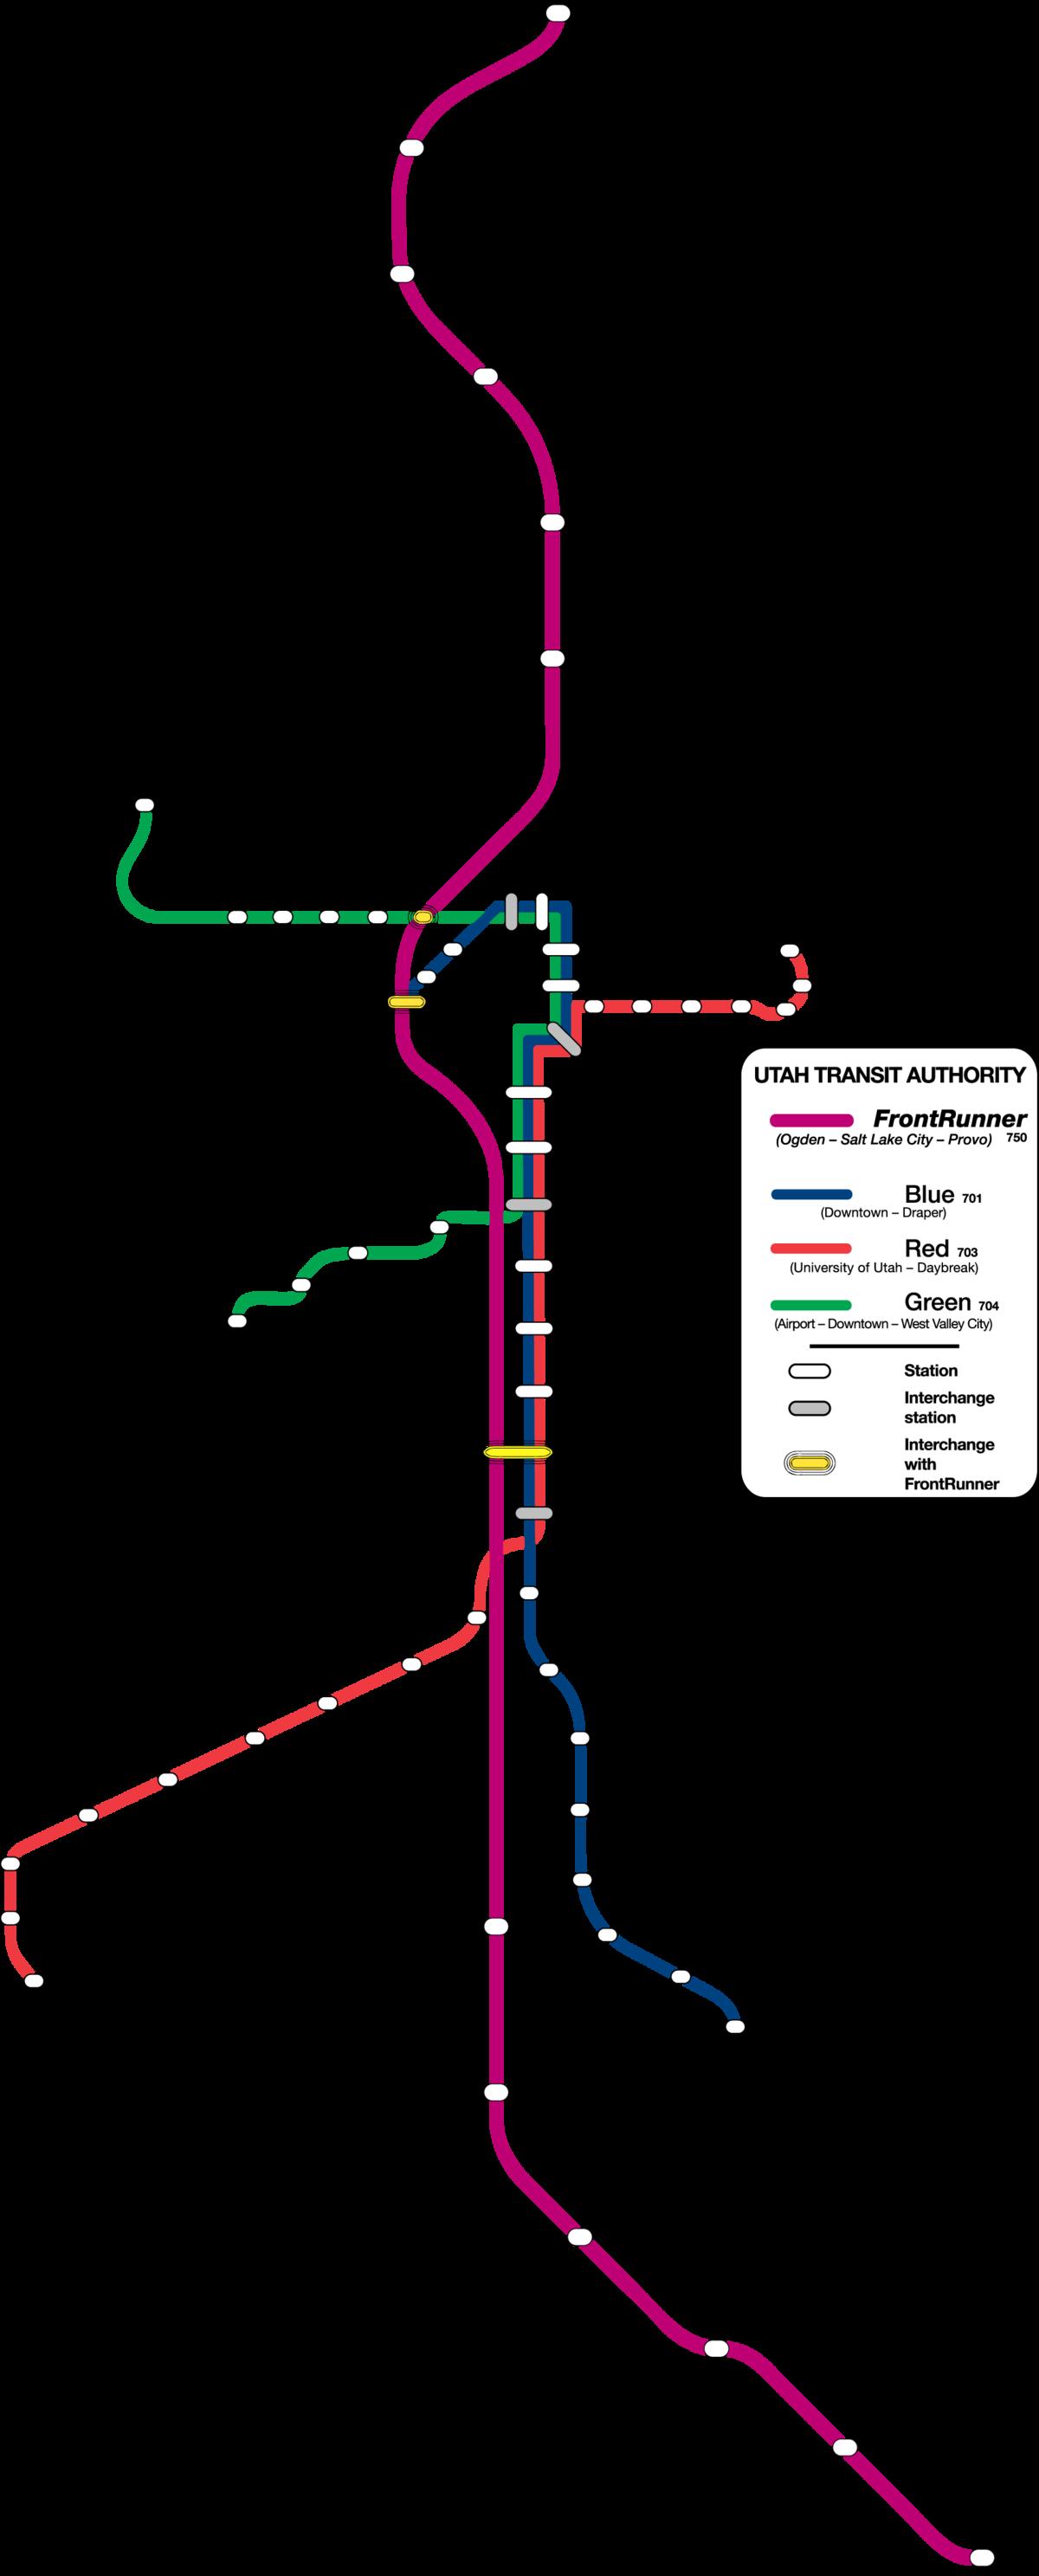 list of trax stations - wikipedia